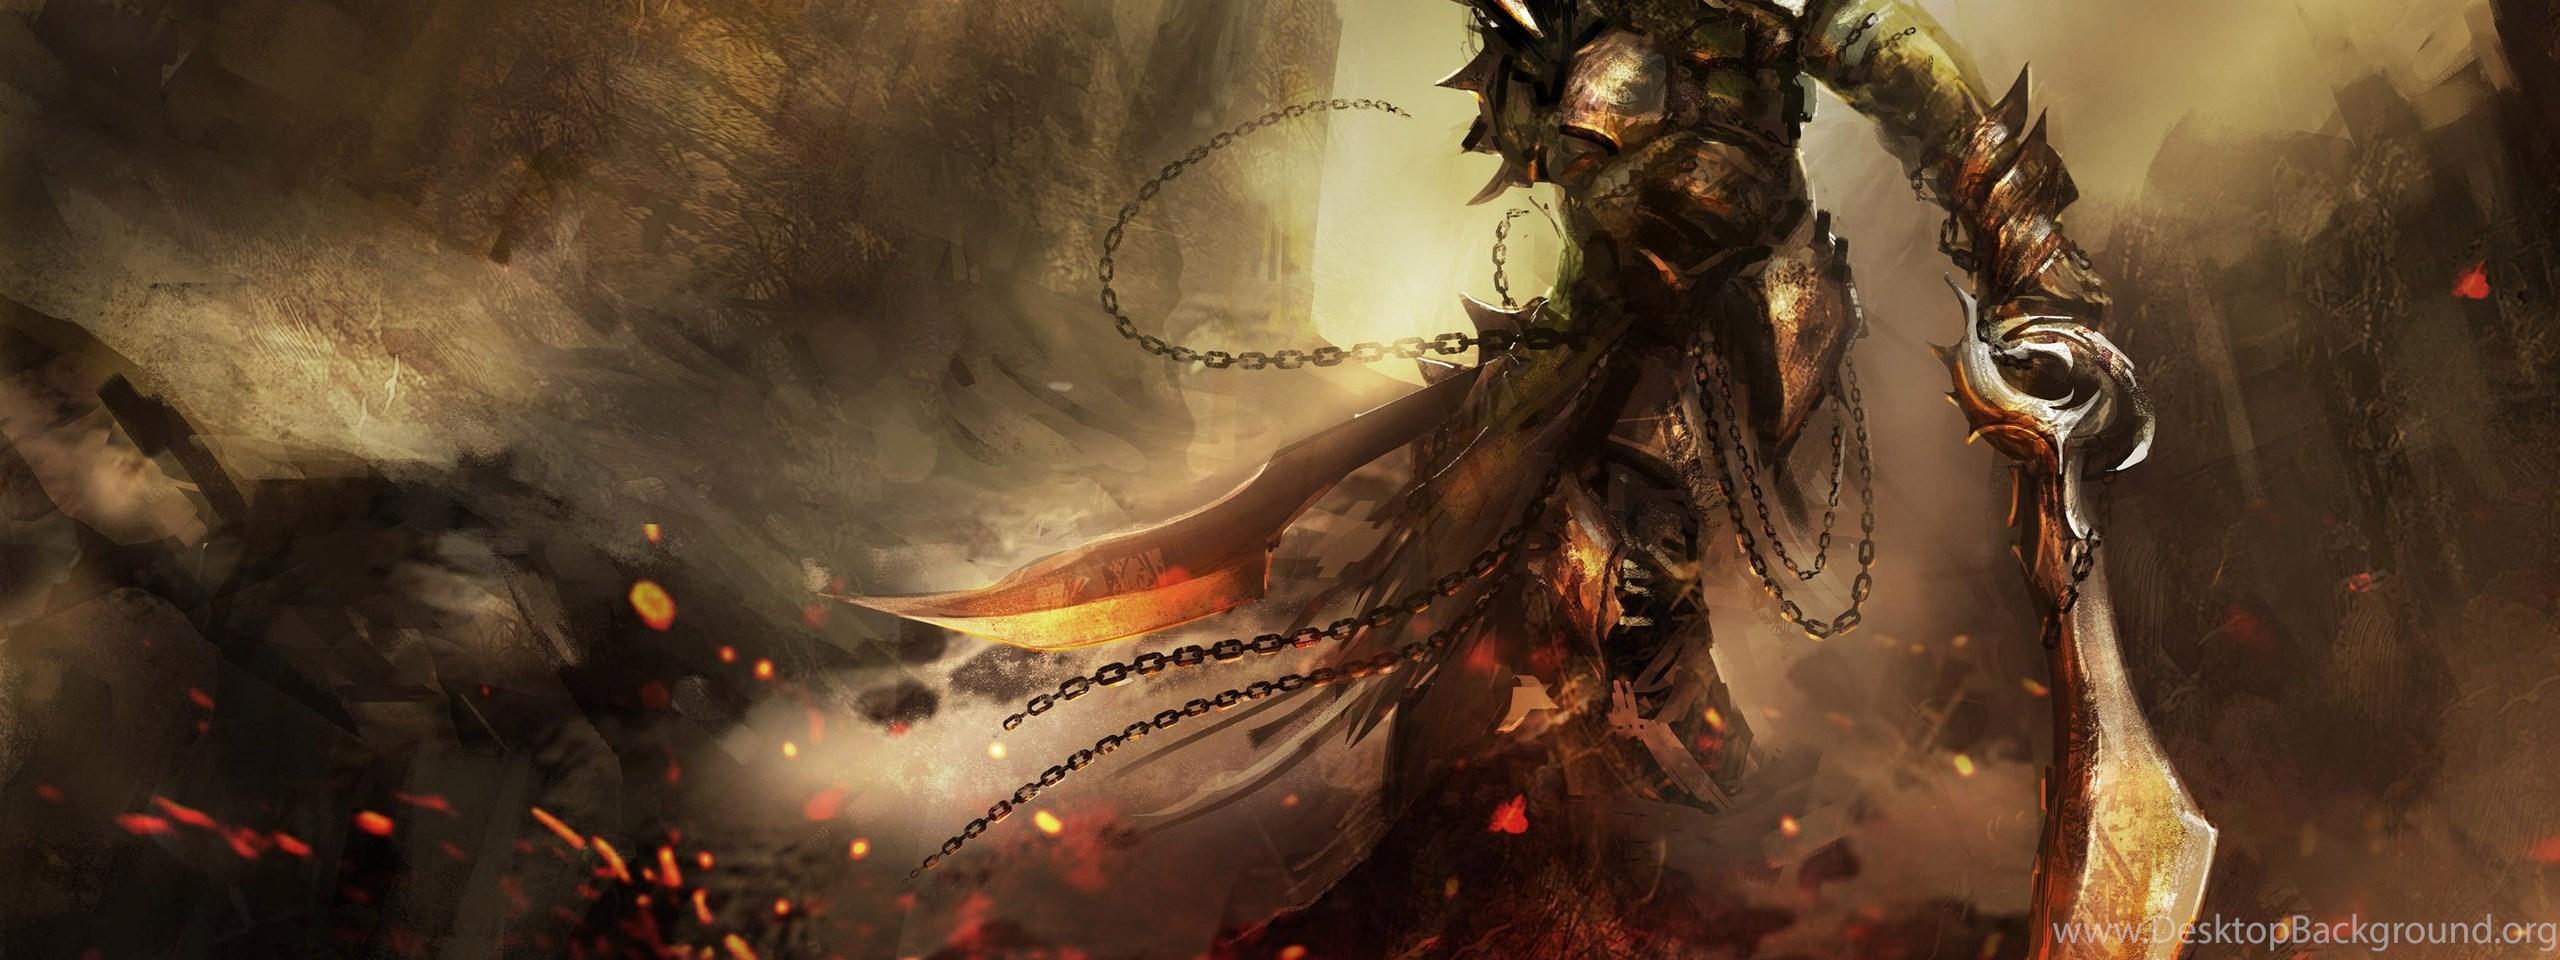 Dark Souls 1 Hd Wallpapers Desktop Background